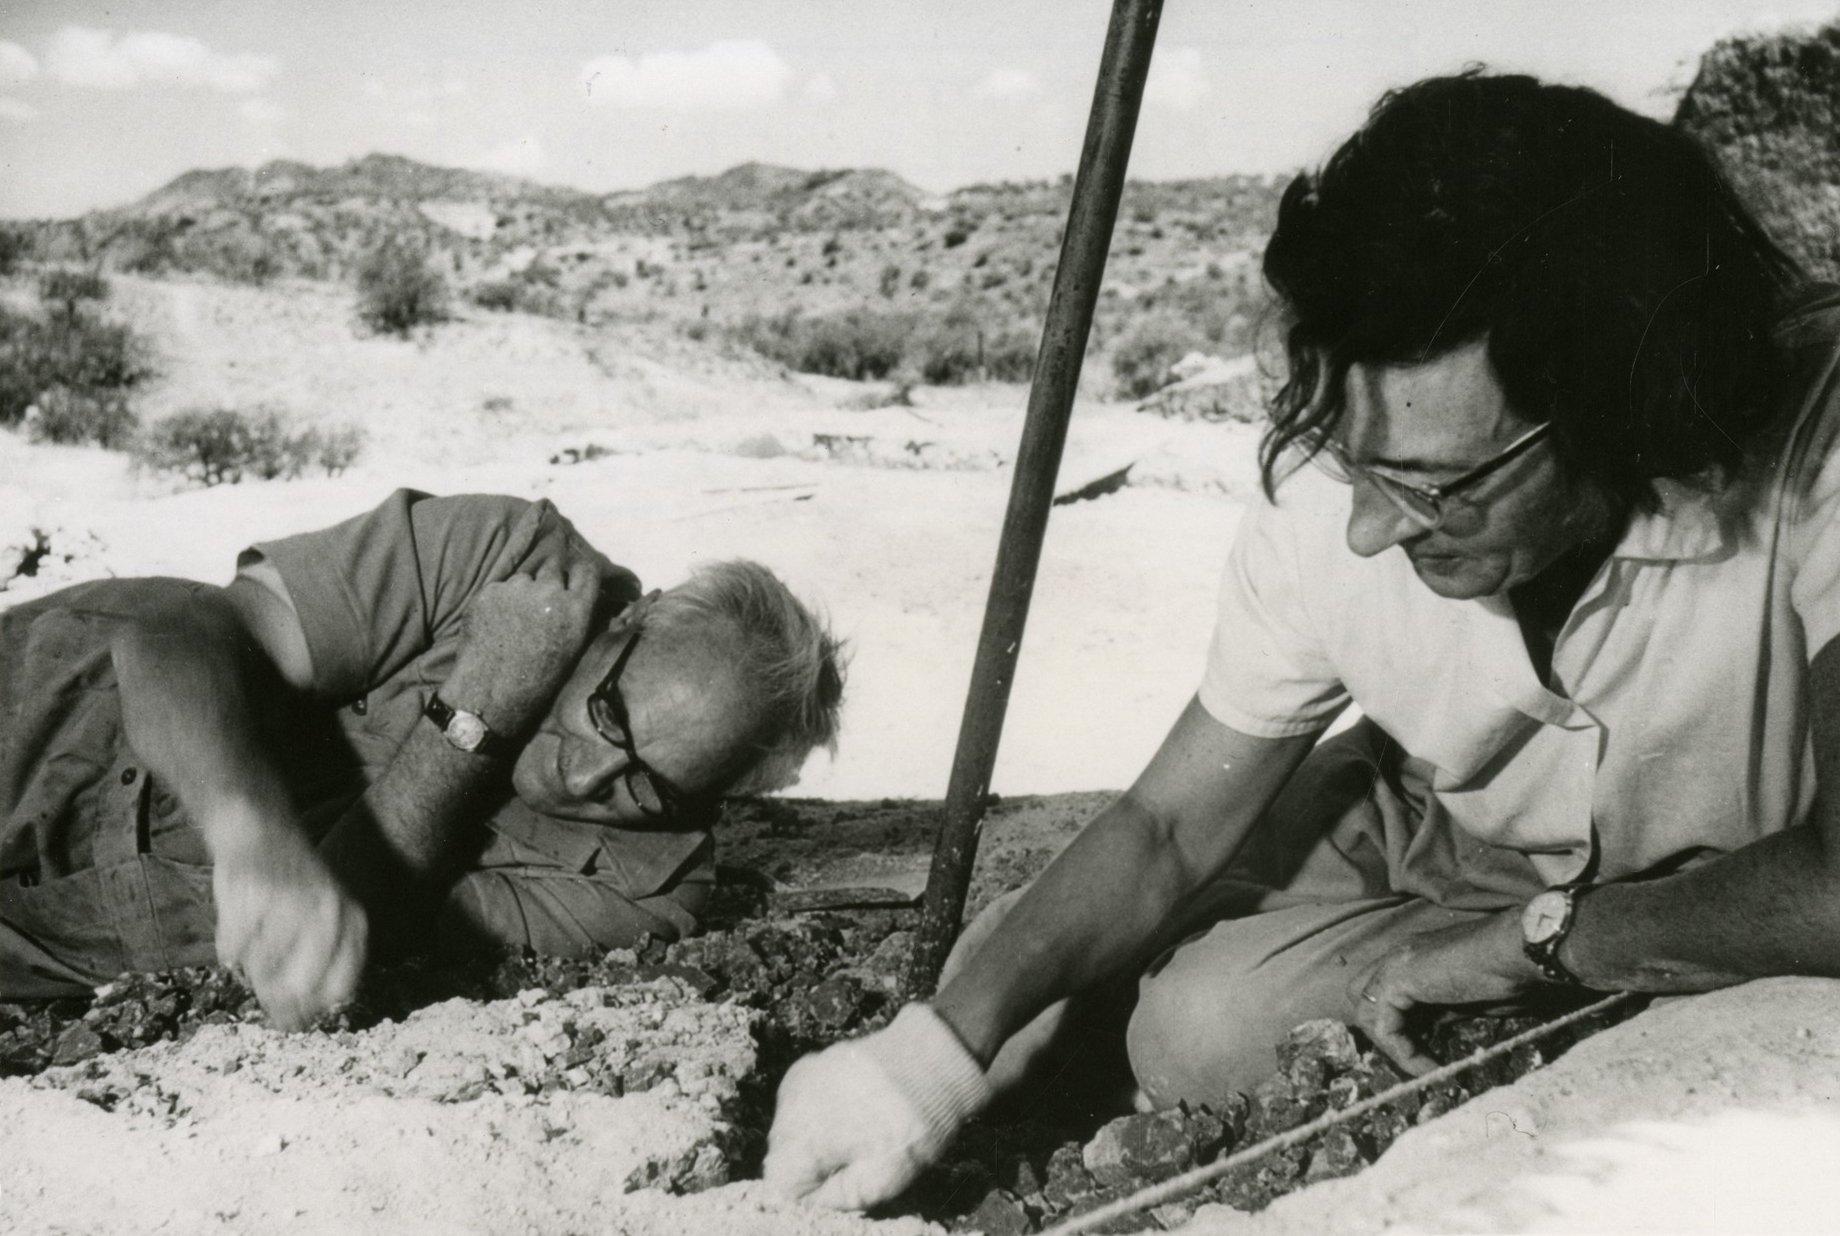 Auf dem sandigen Boden in der Olduvai-Schlucht in Tansania liegen und knien Louis und Mary Leakey, um nach Fossilien von Urmenschen zu graben. Erst finden sie dort den Nussknackermenschen und später den Homo habilis, den ersten Menschen. Dieser stellte bereits Steinwerkzeuge her.